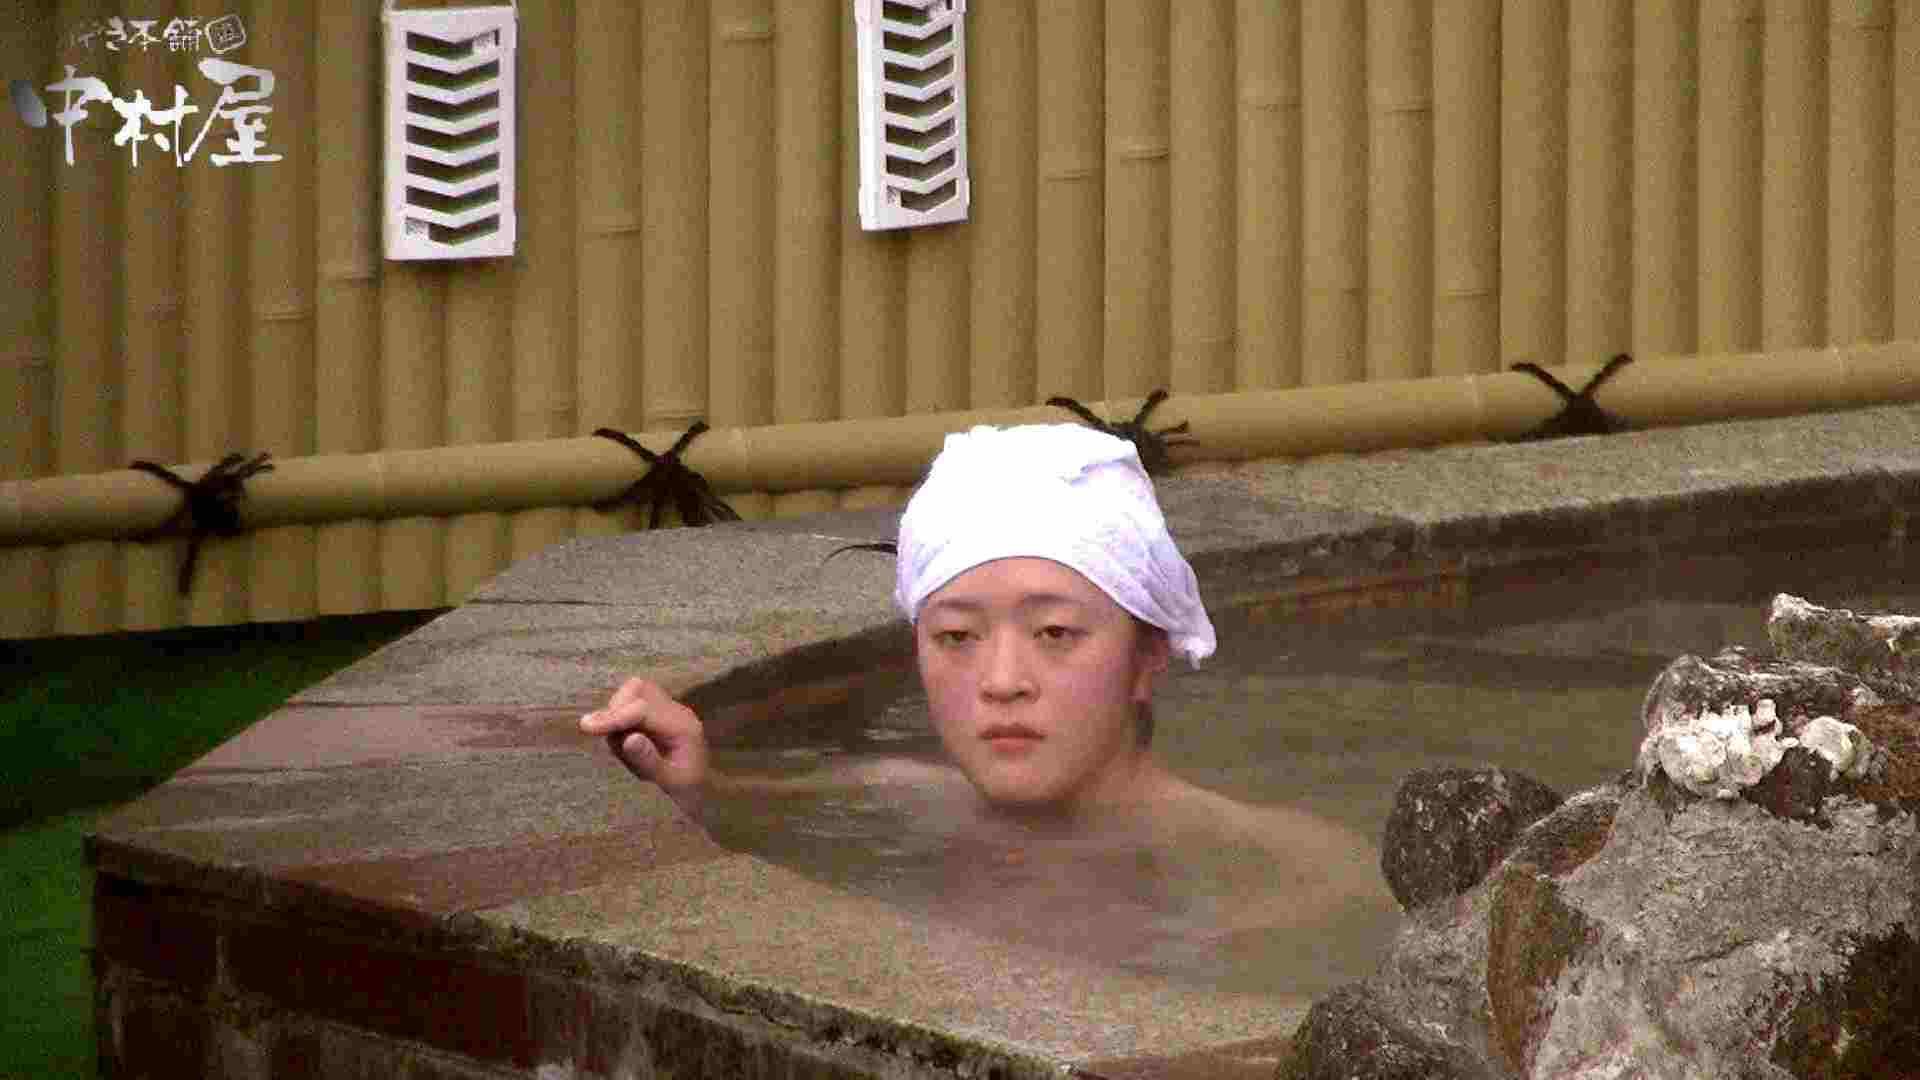 Aquaな露天風呂Vol.920 美しいOLの裸体  69pic 12